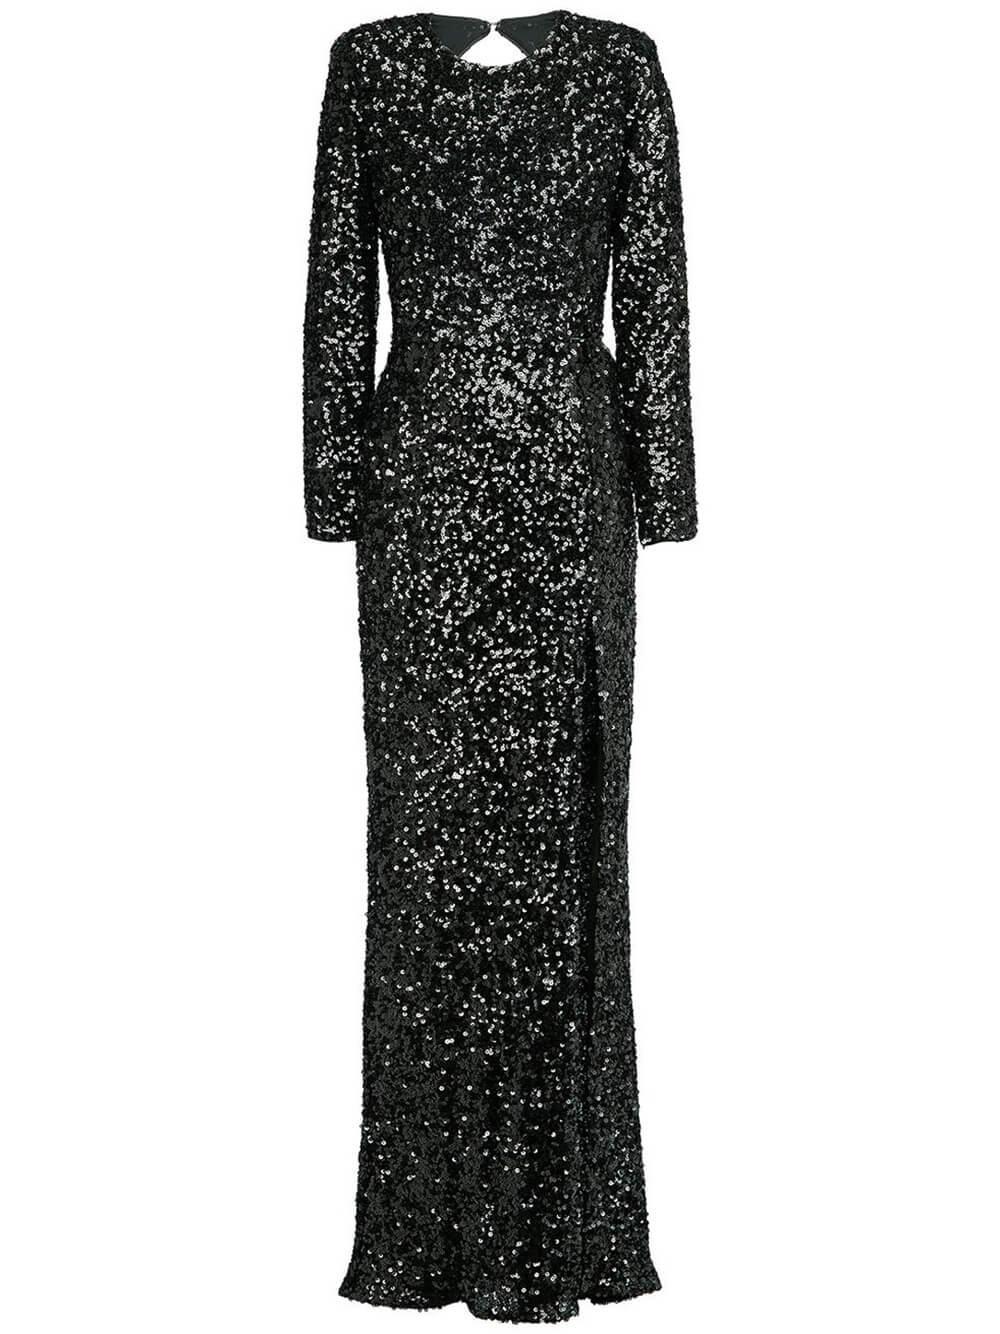 Elizabeth Gown Item # BB110011